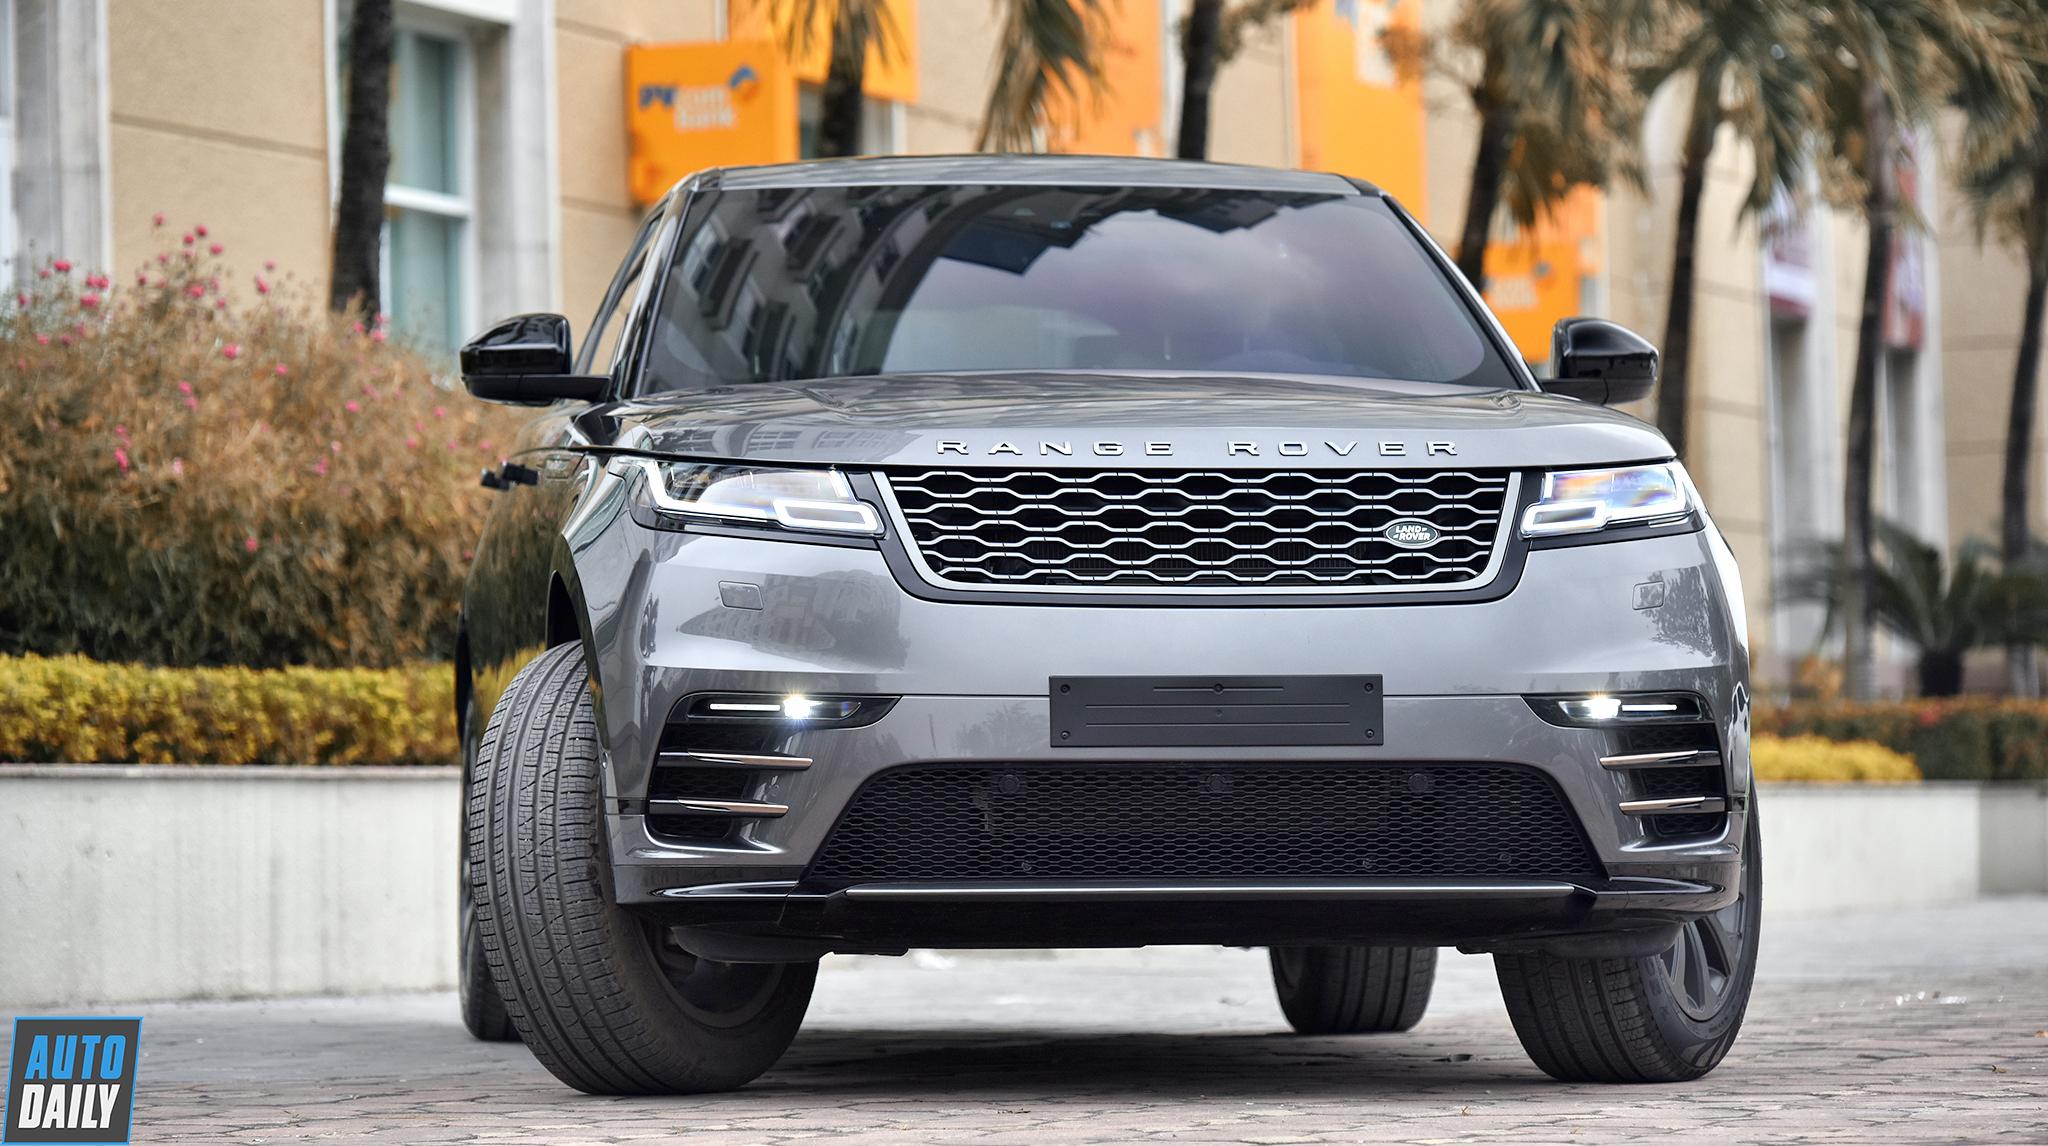 Range Rover Velar siêu lướt chưa đăng kí, giá hơn 4,8 tỷ